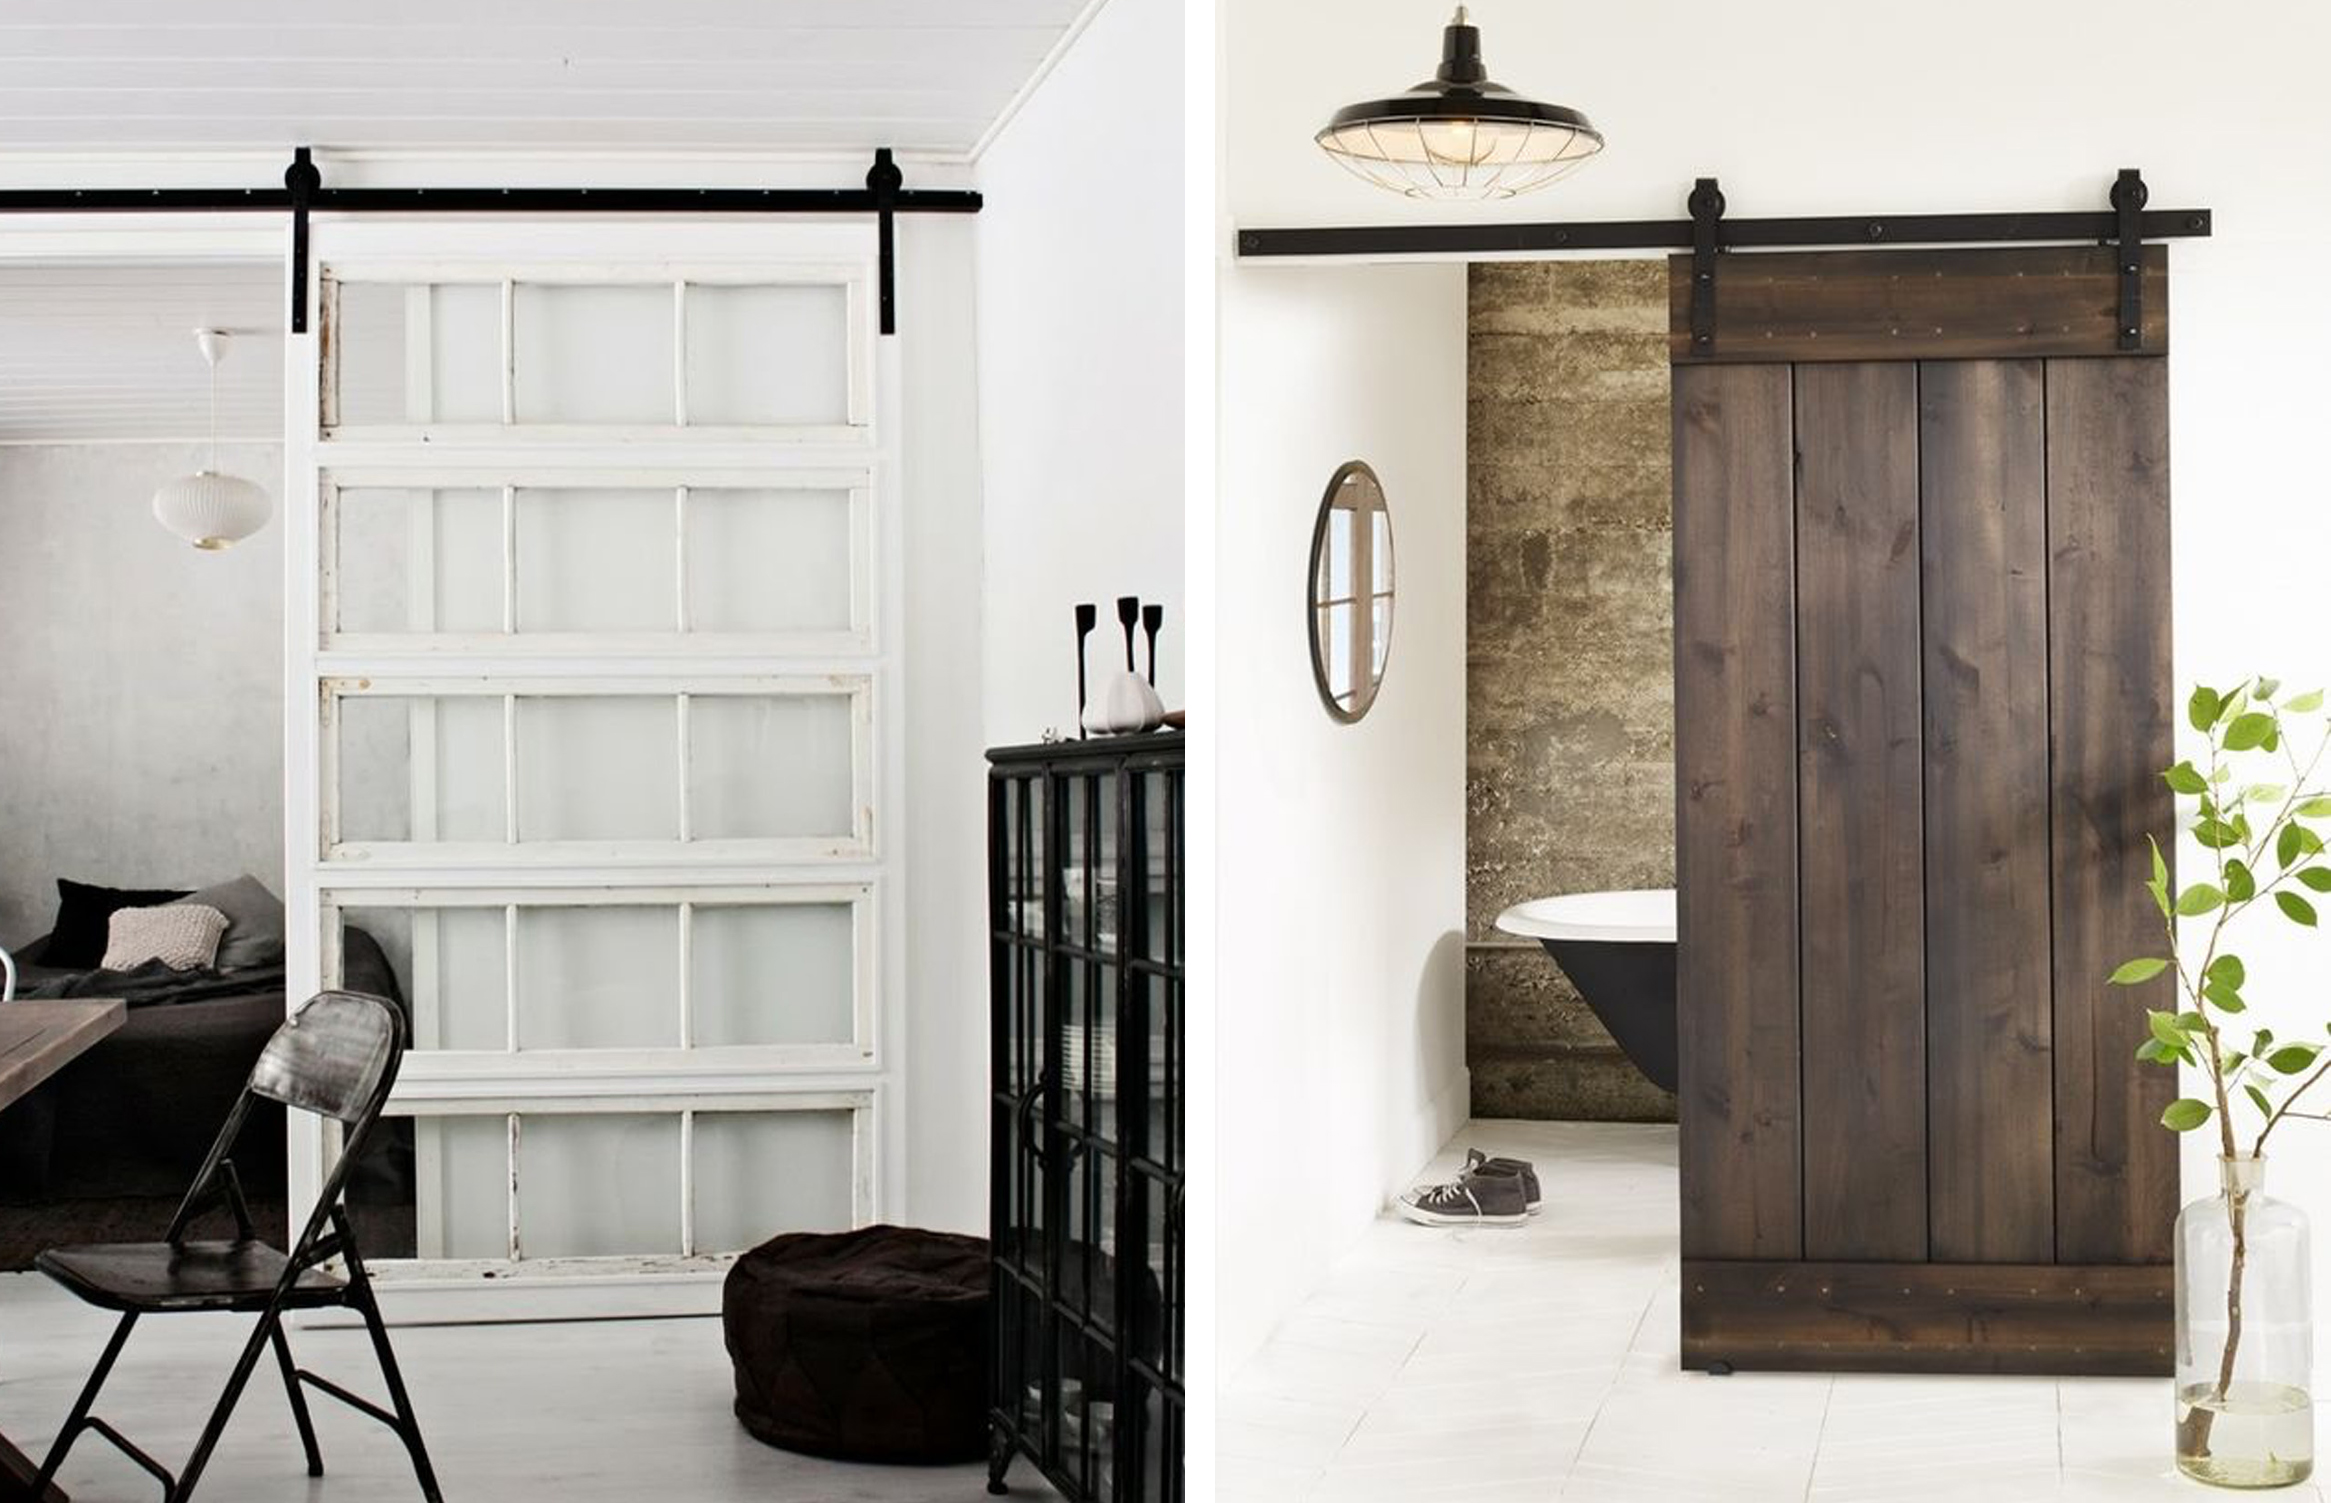 Vellidte Dekoration til hjemmet - Find inspiration til bolig og dekoration her JU-69